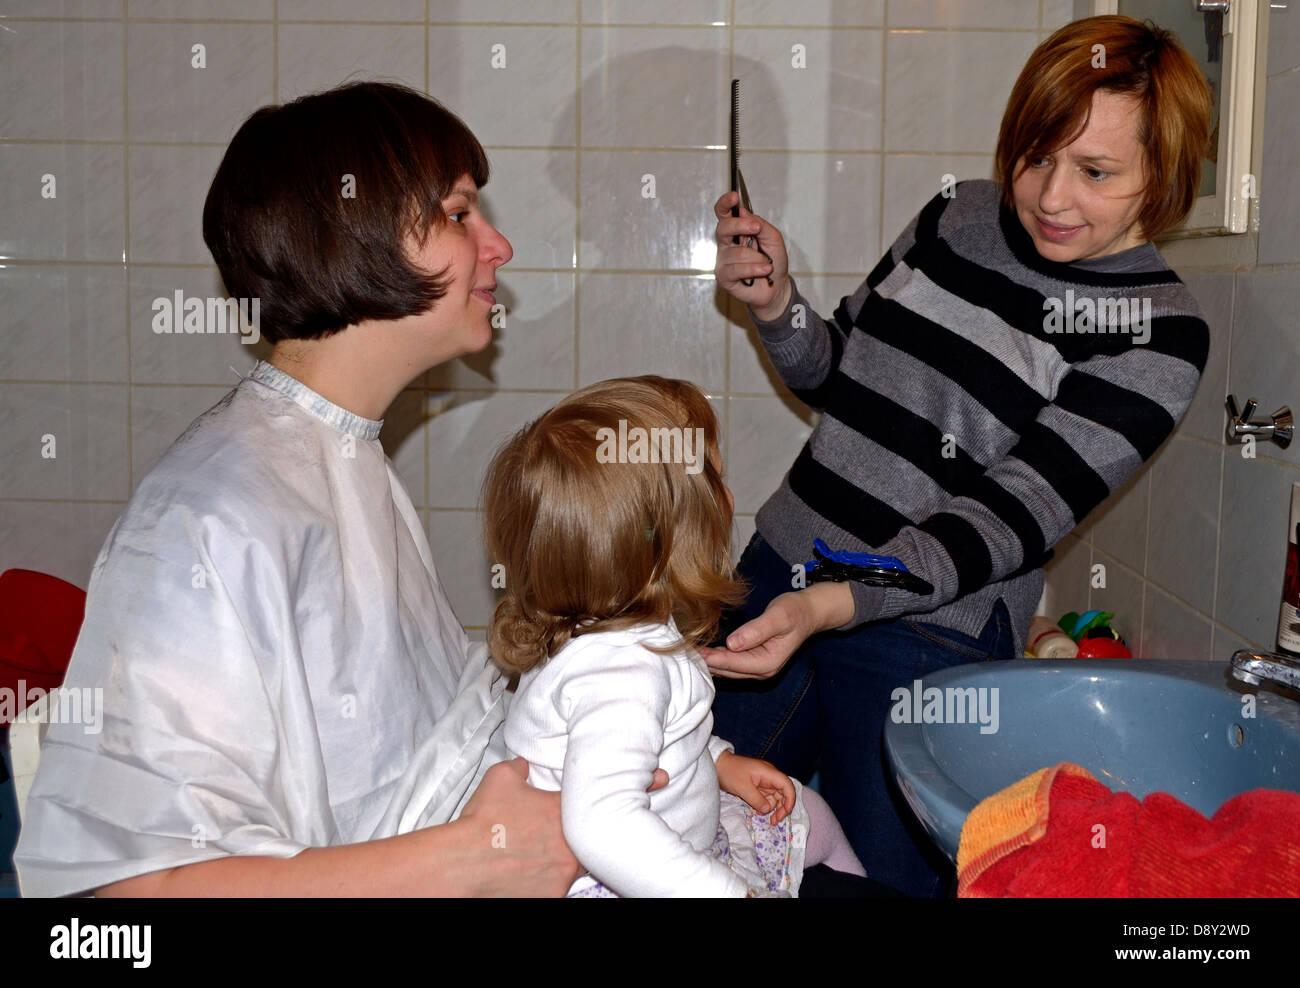 Niña de 2 años tienen su primer corte de pelo Imagen De Stock ad1df5c634